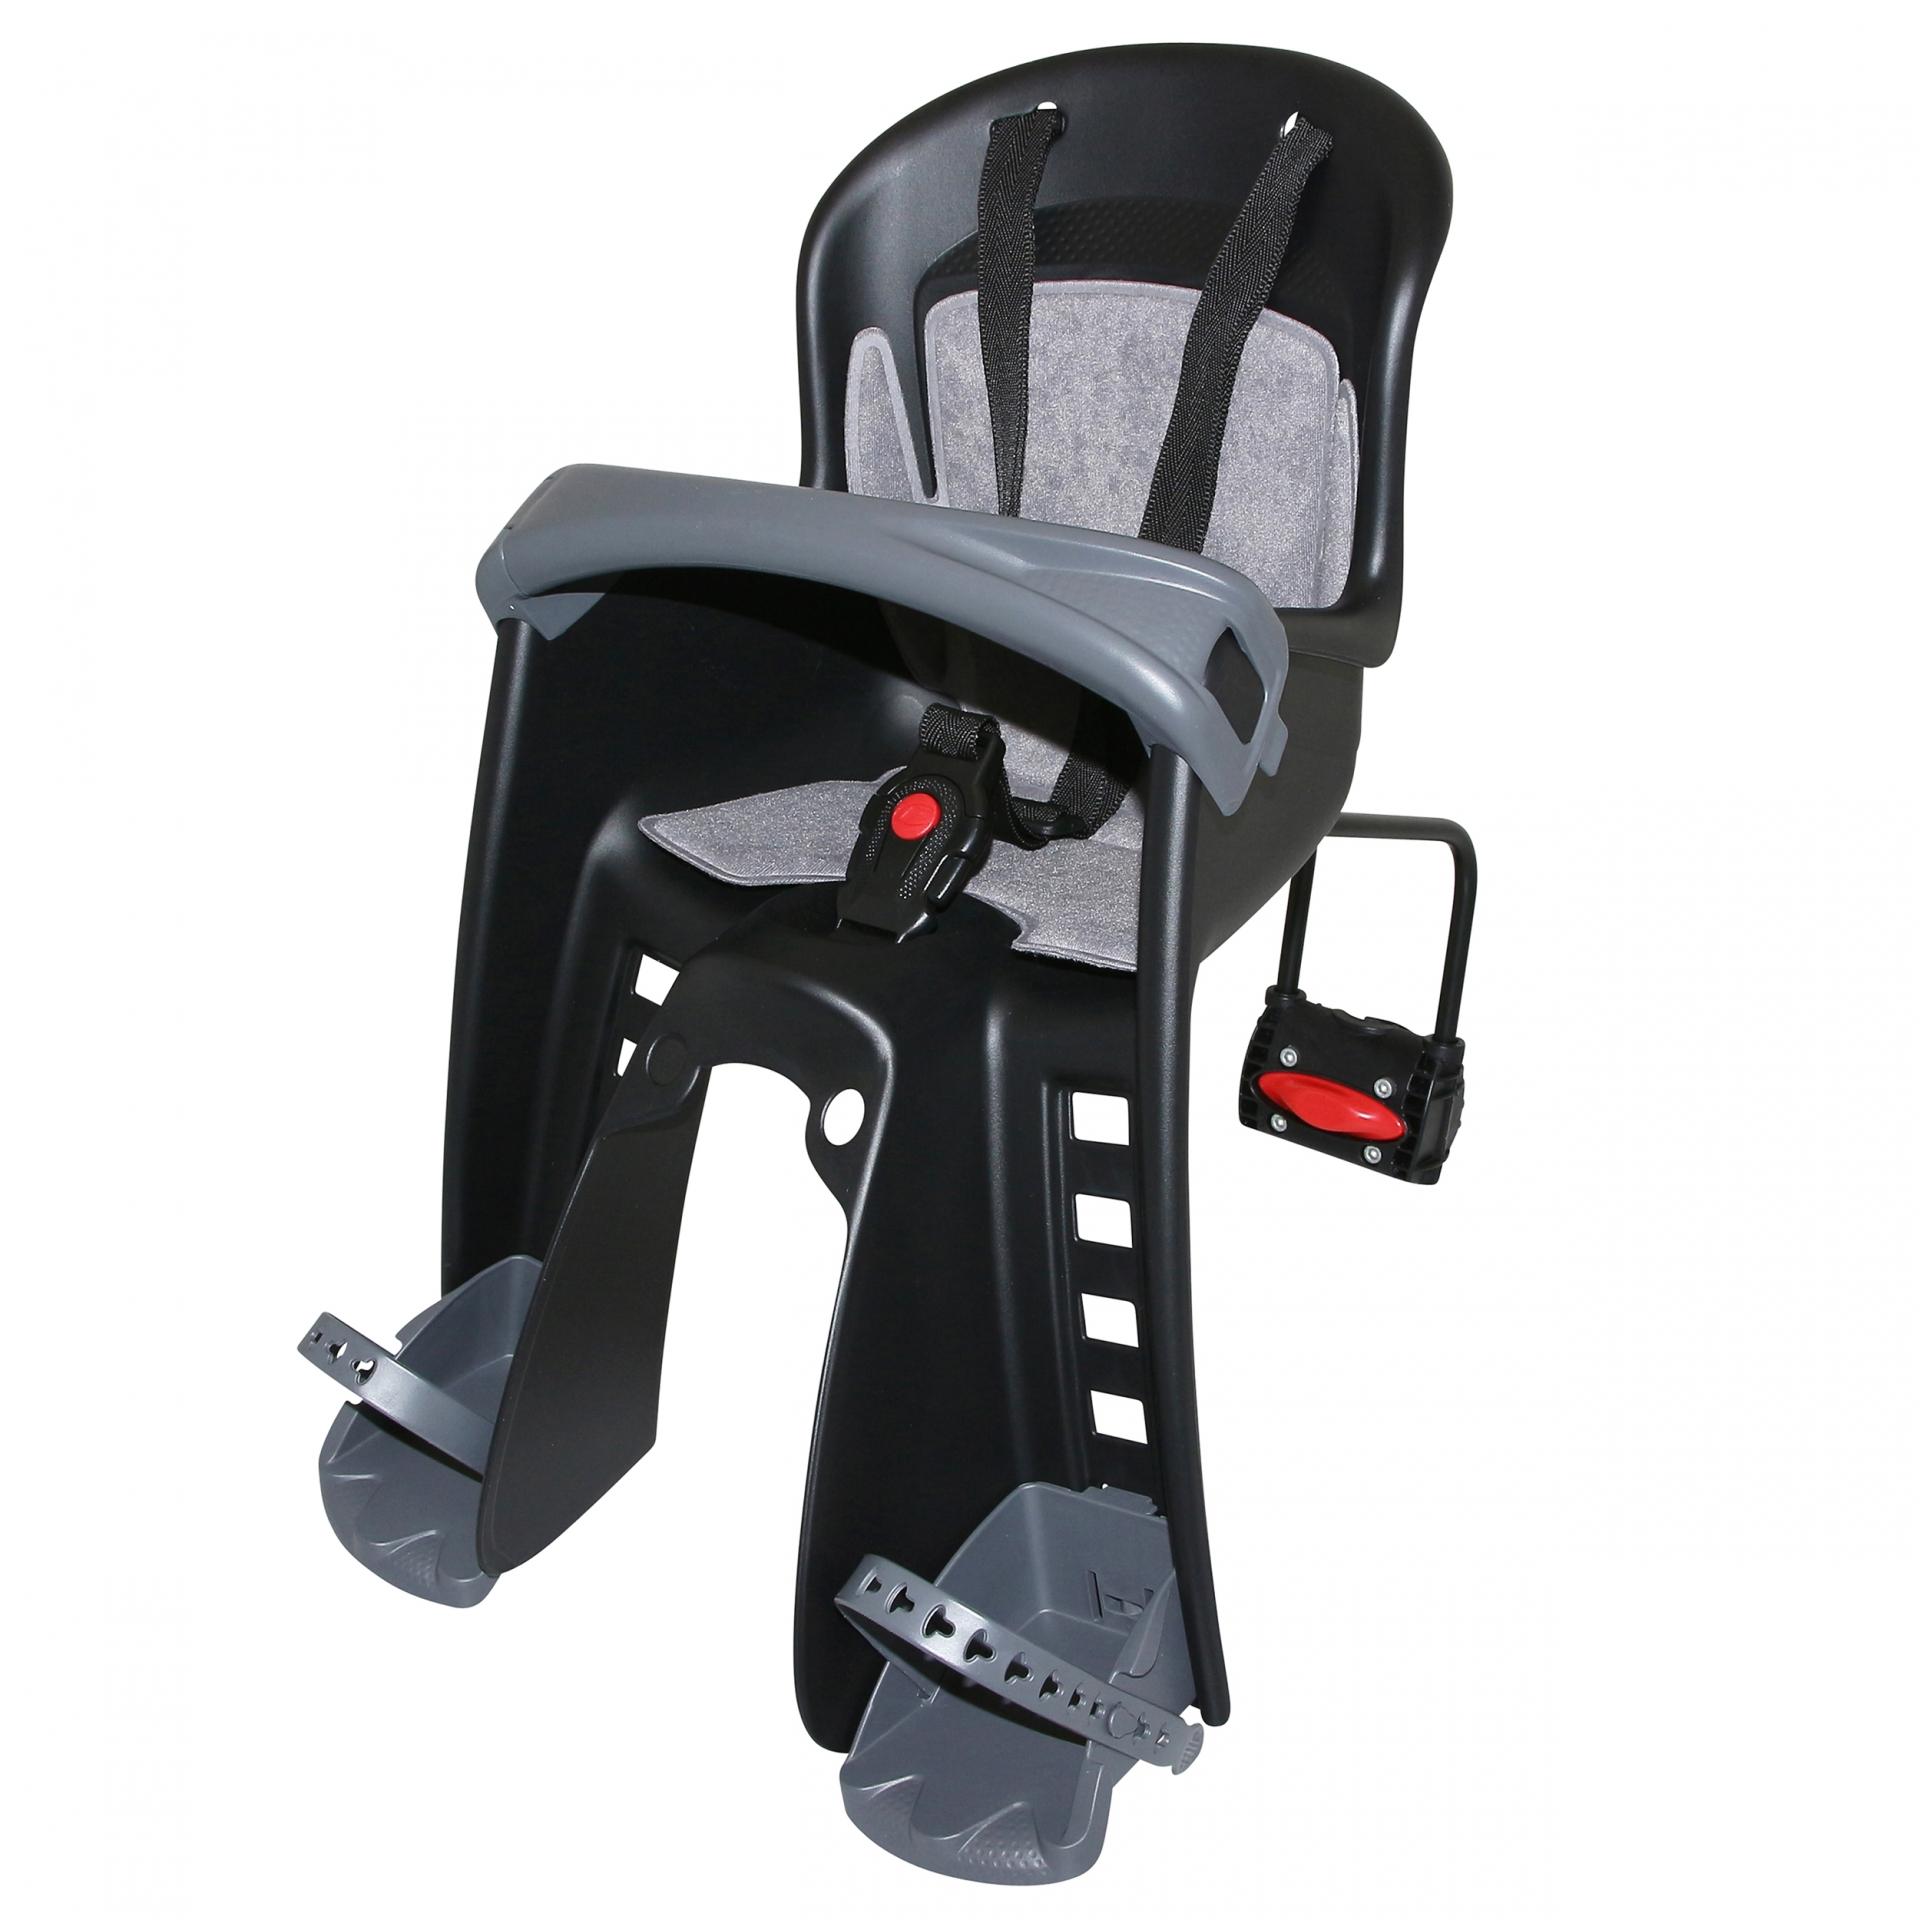 Porte-bébé avant sur direction Polisport Bilby Junior FF sur cadre Noir/Gris